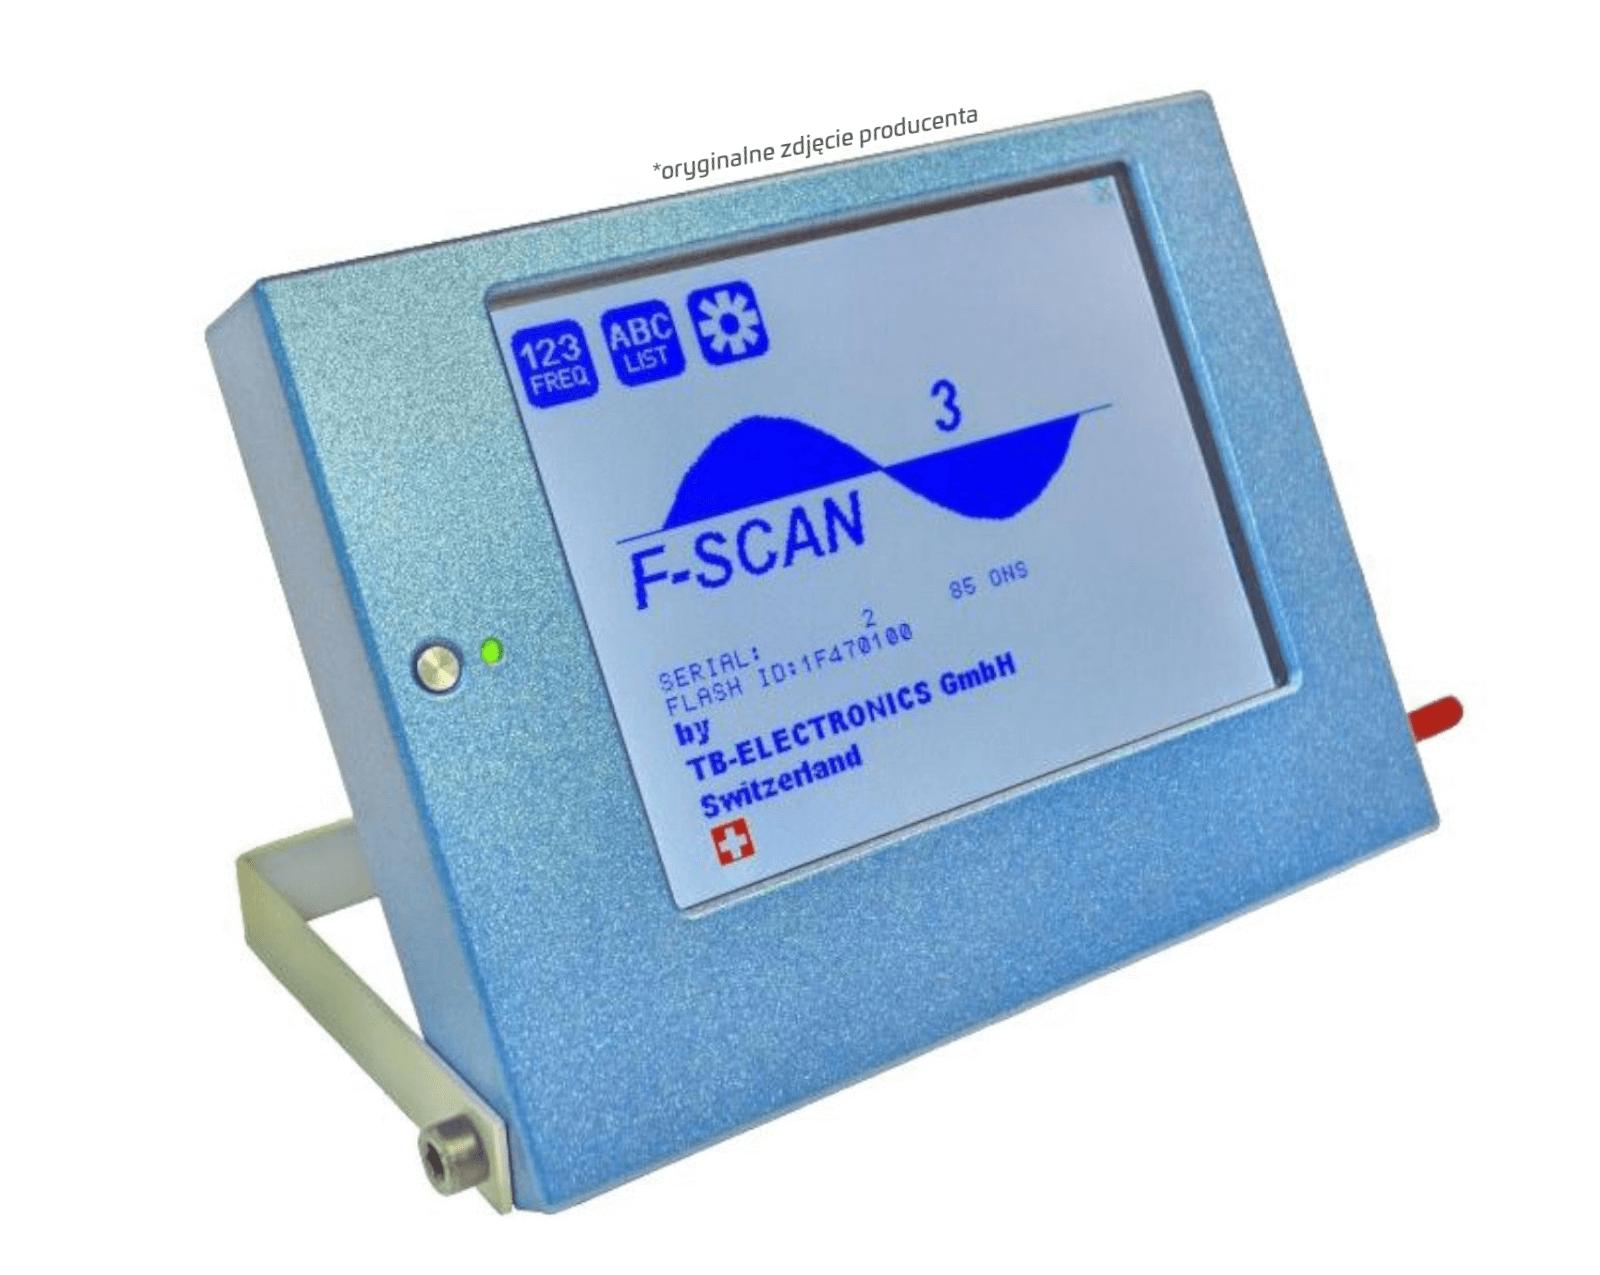 Obraz urządzenia F-Scan